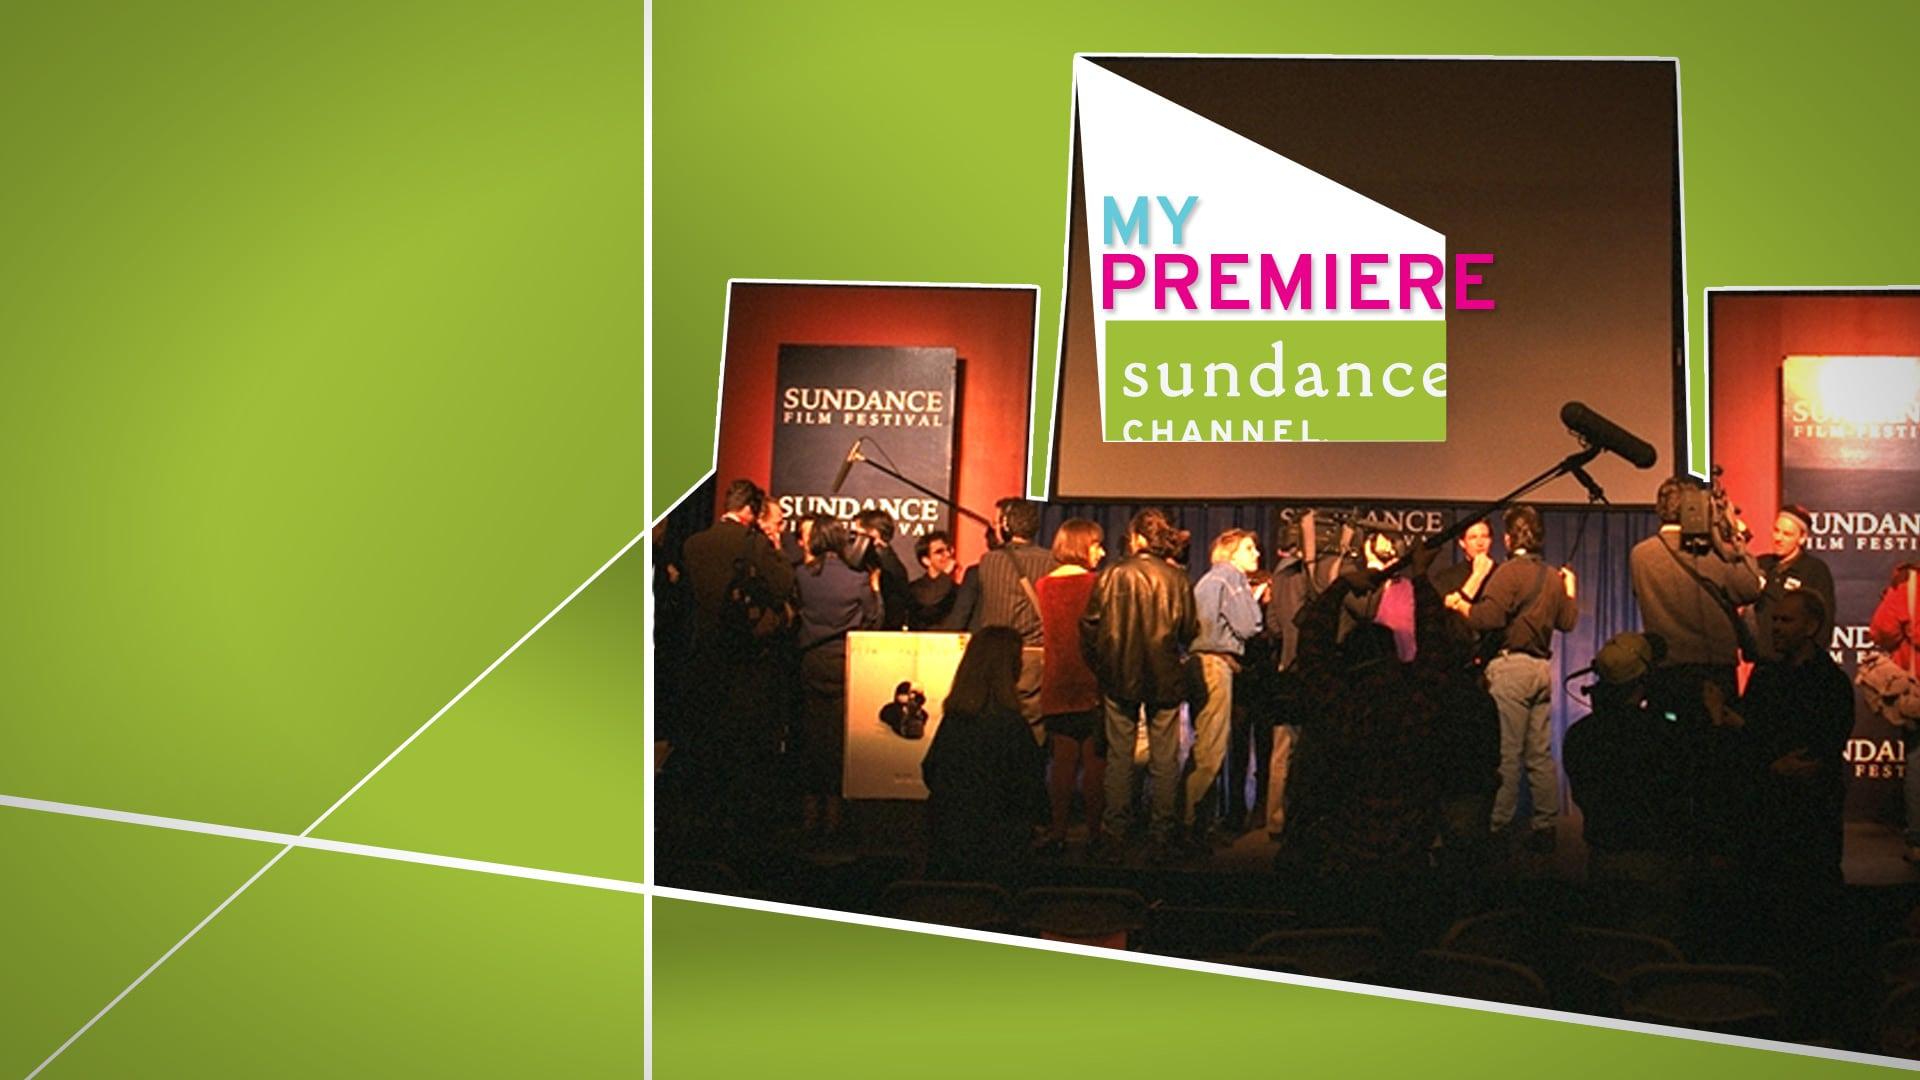 Sundance_MP-victor-ruano